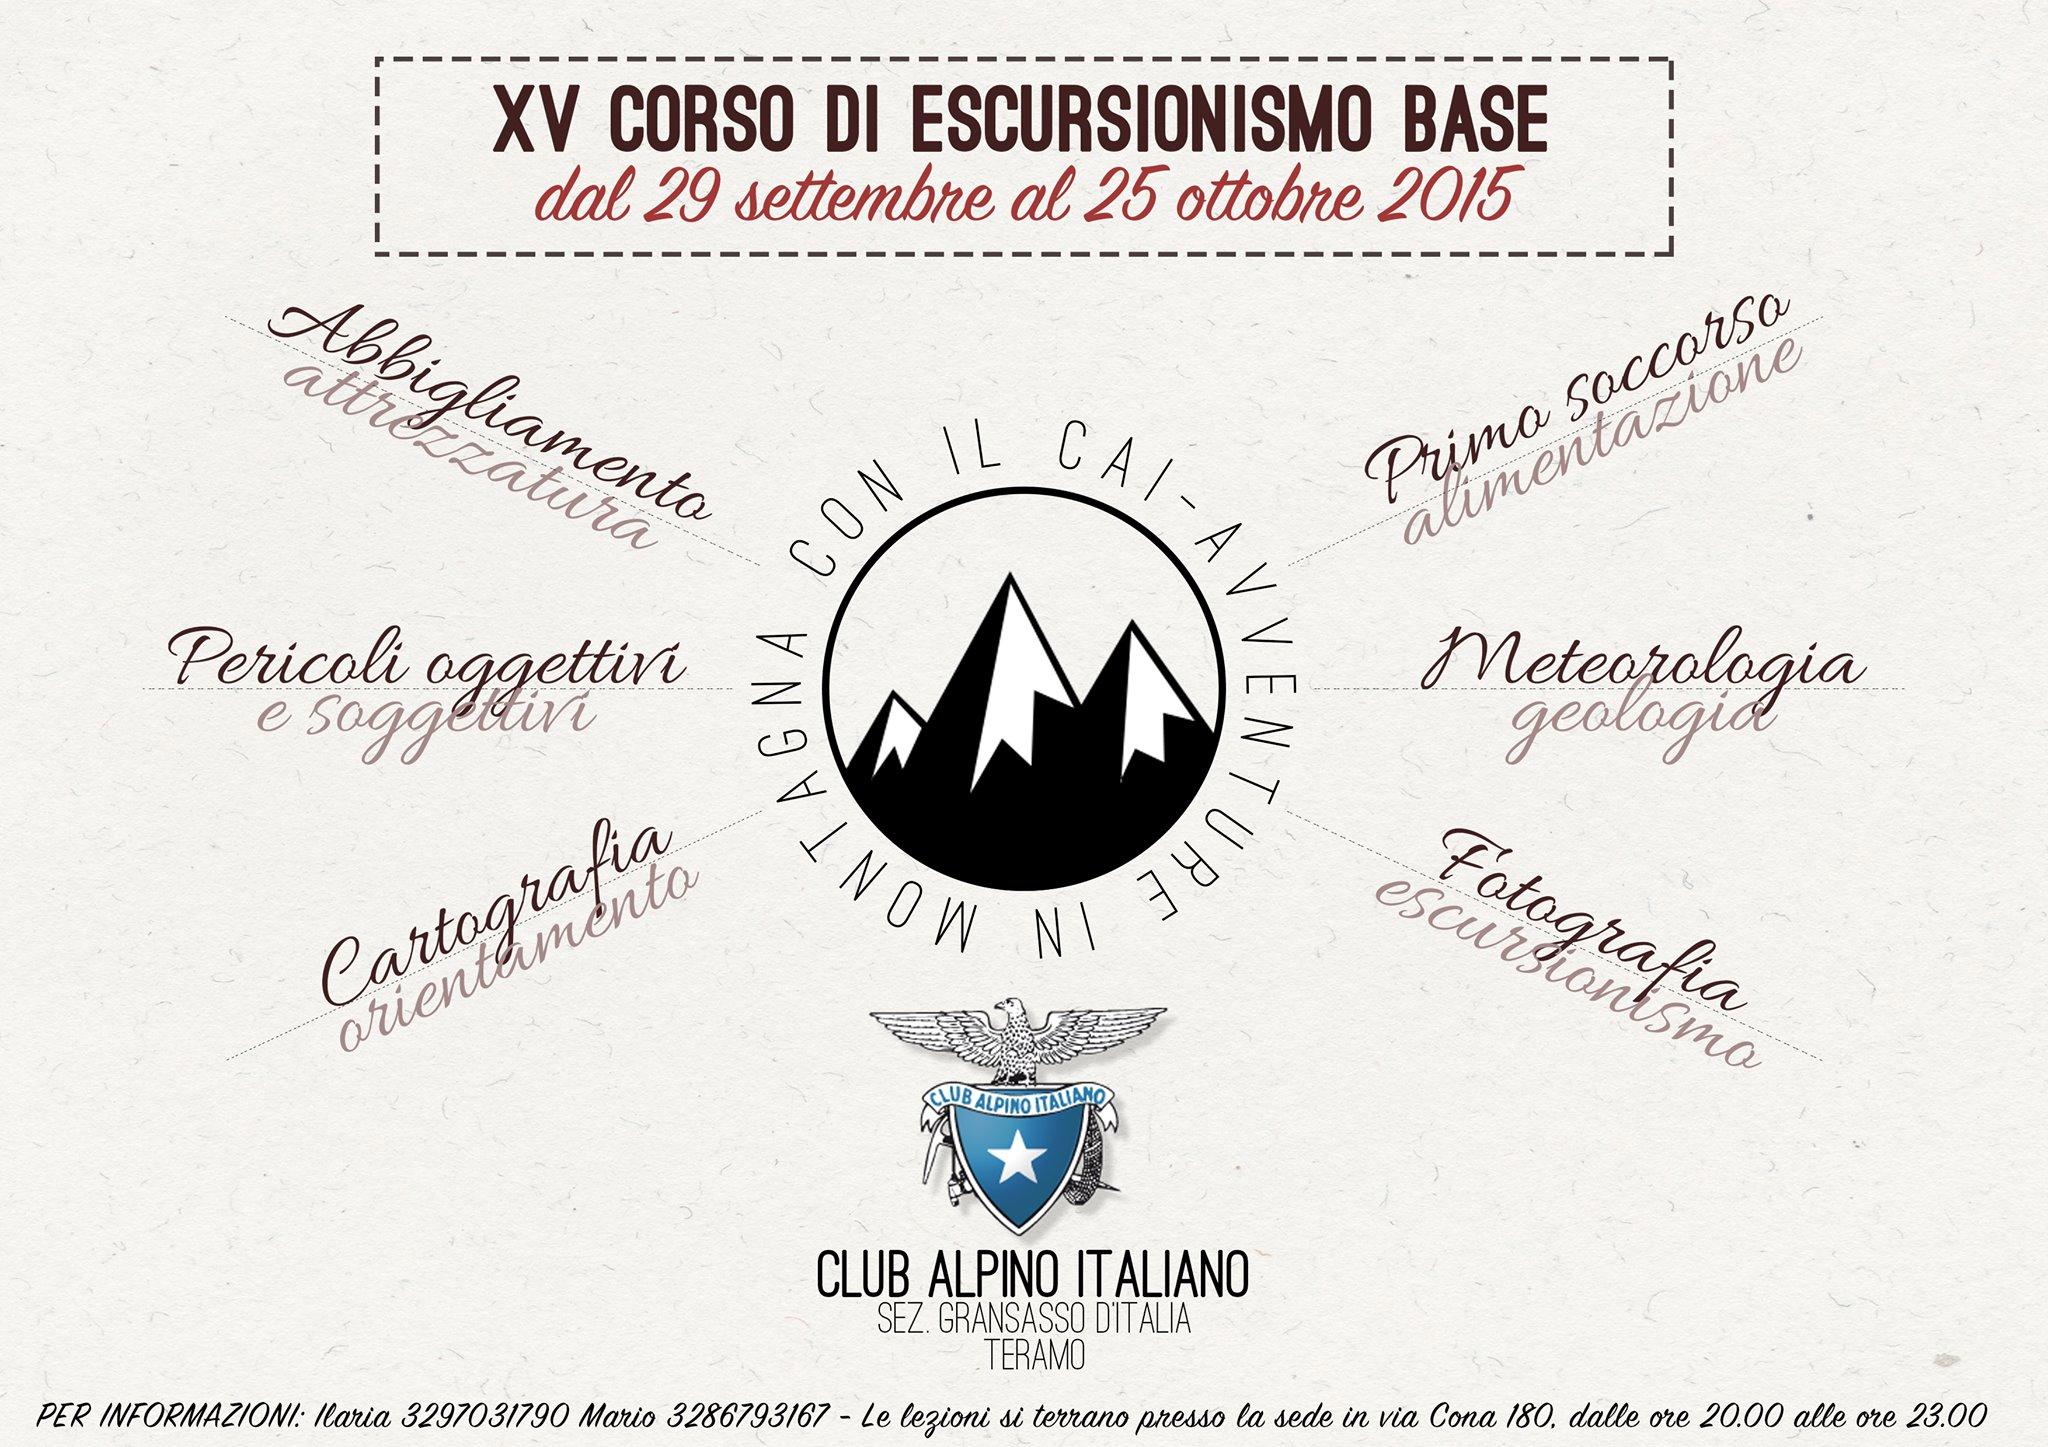 XV Corso base di escursionismo